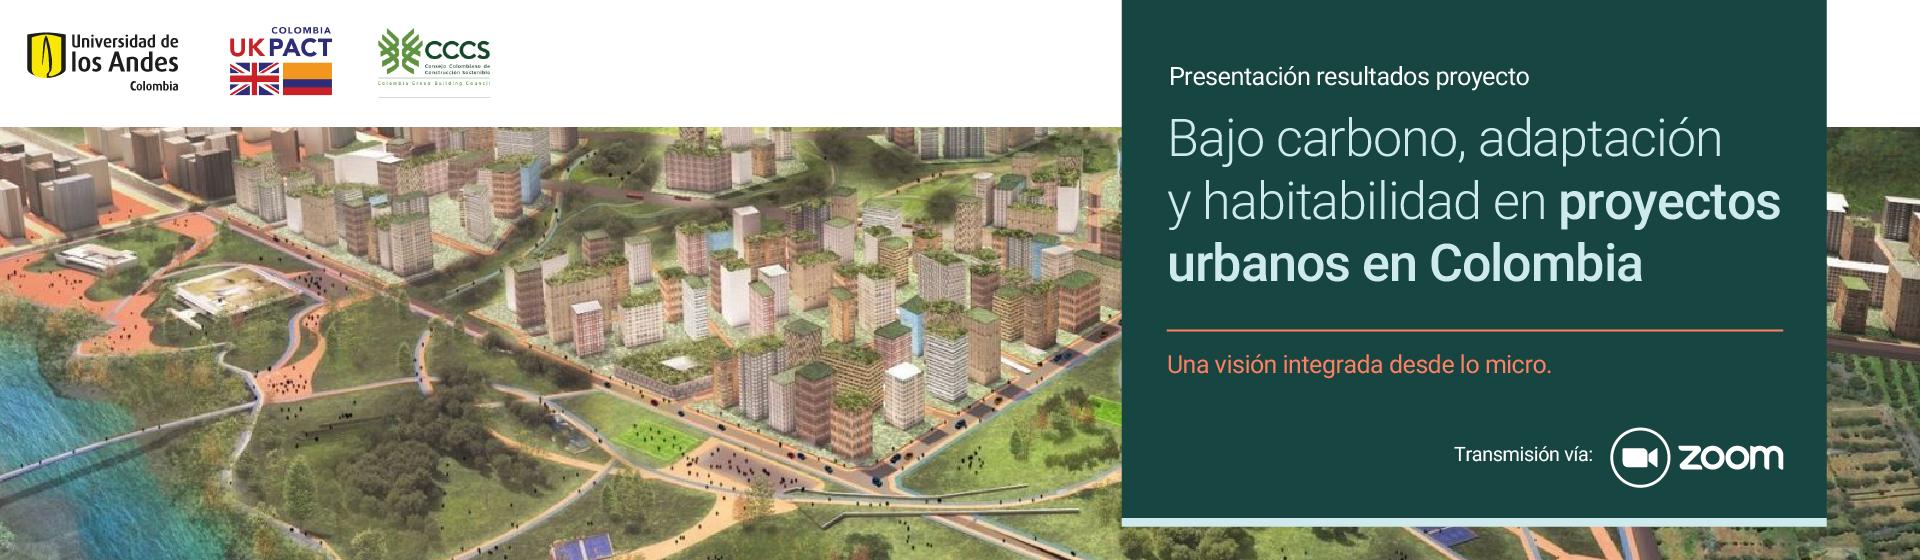 Presentación proyecto - Bajo carbono, adaptación y habitabilidad en proyectos urbanos en Colombia